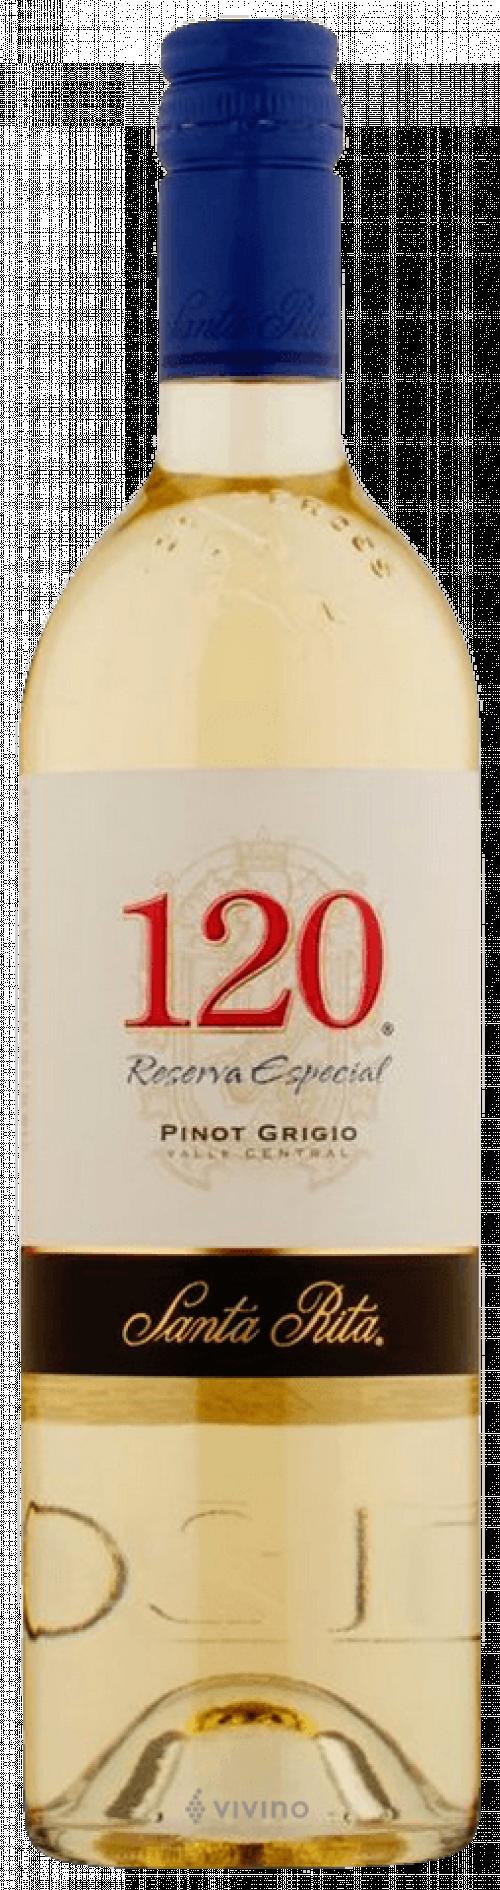 Santa Rita 120 Pinot Grigio 750ml NV